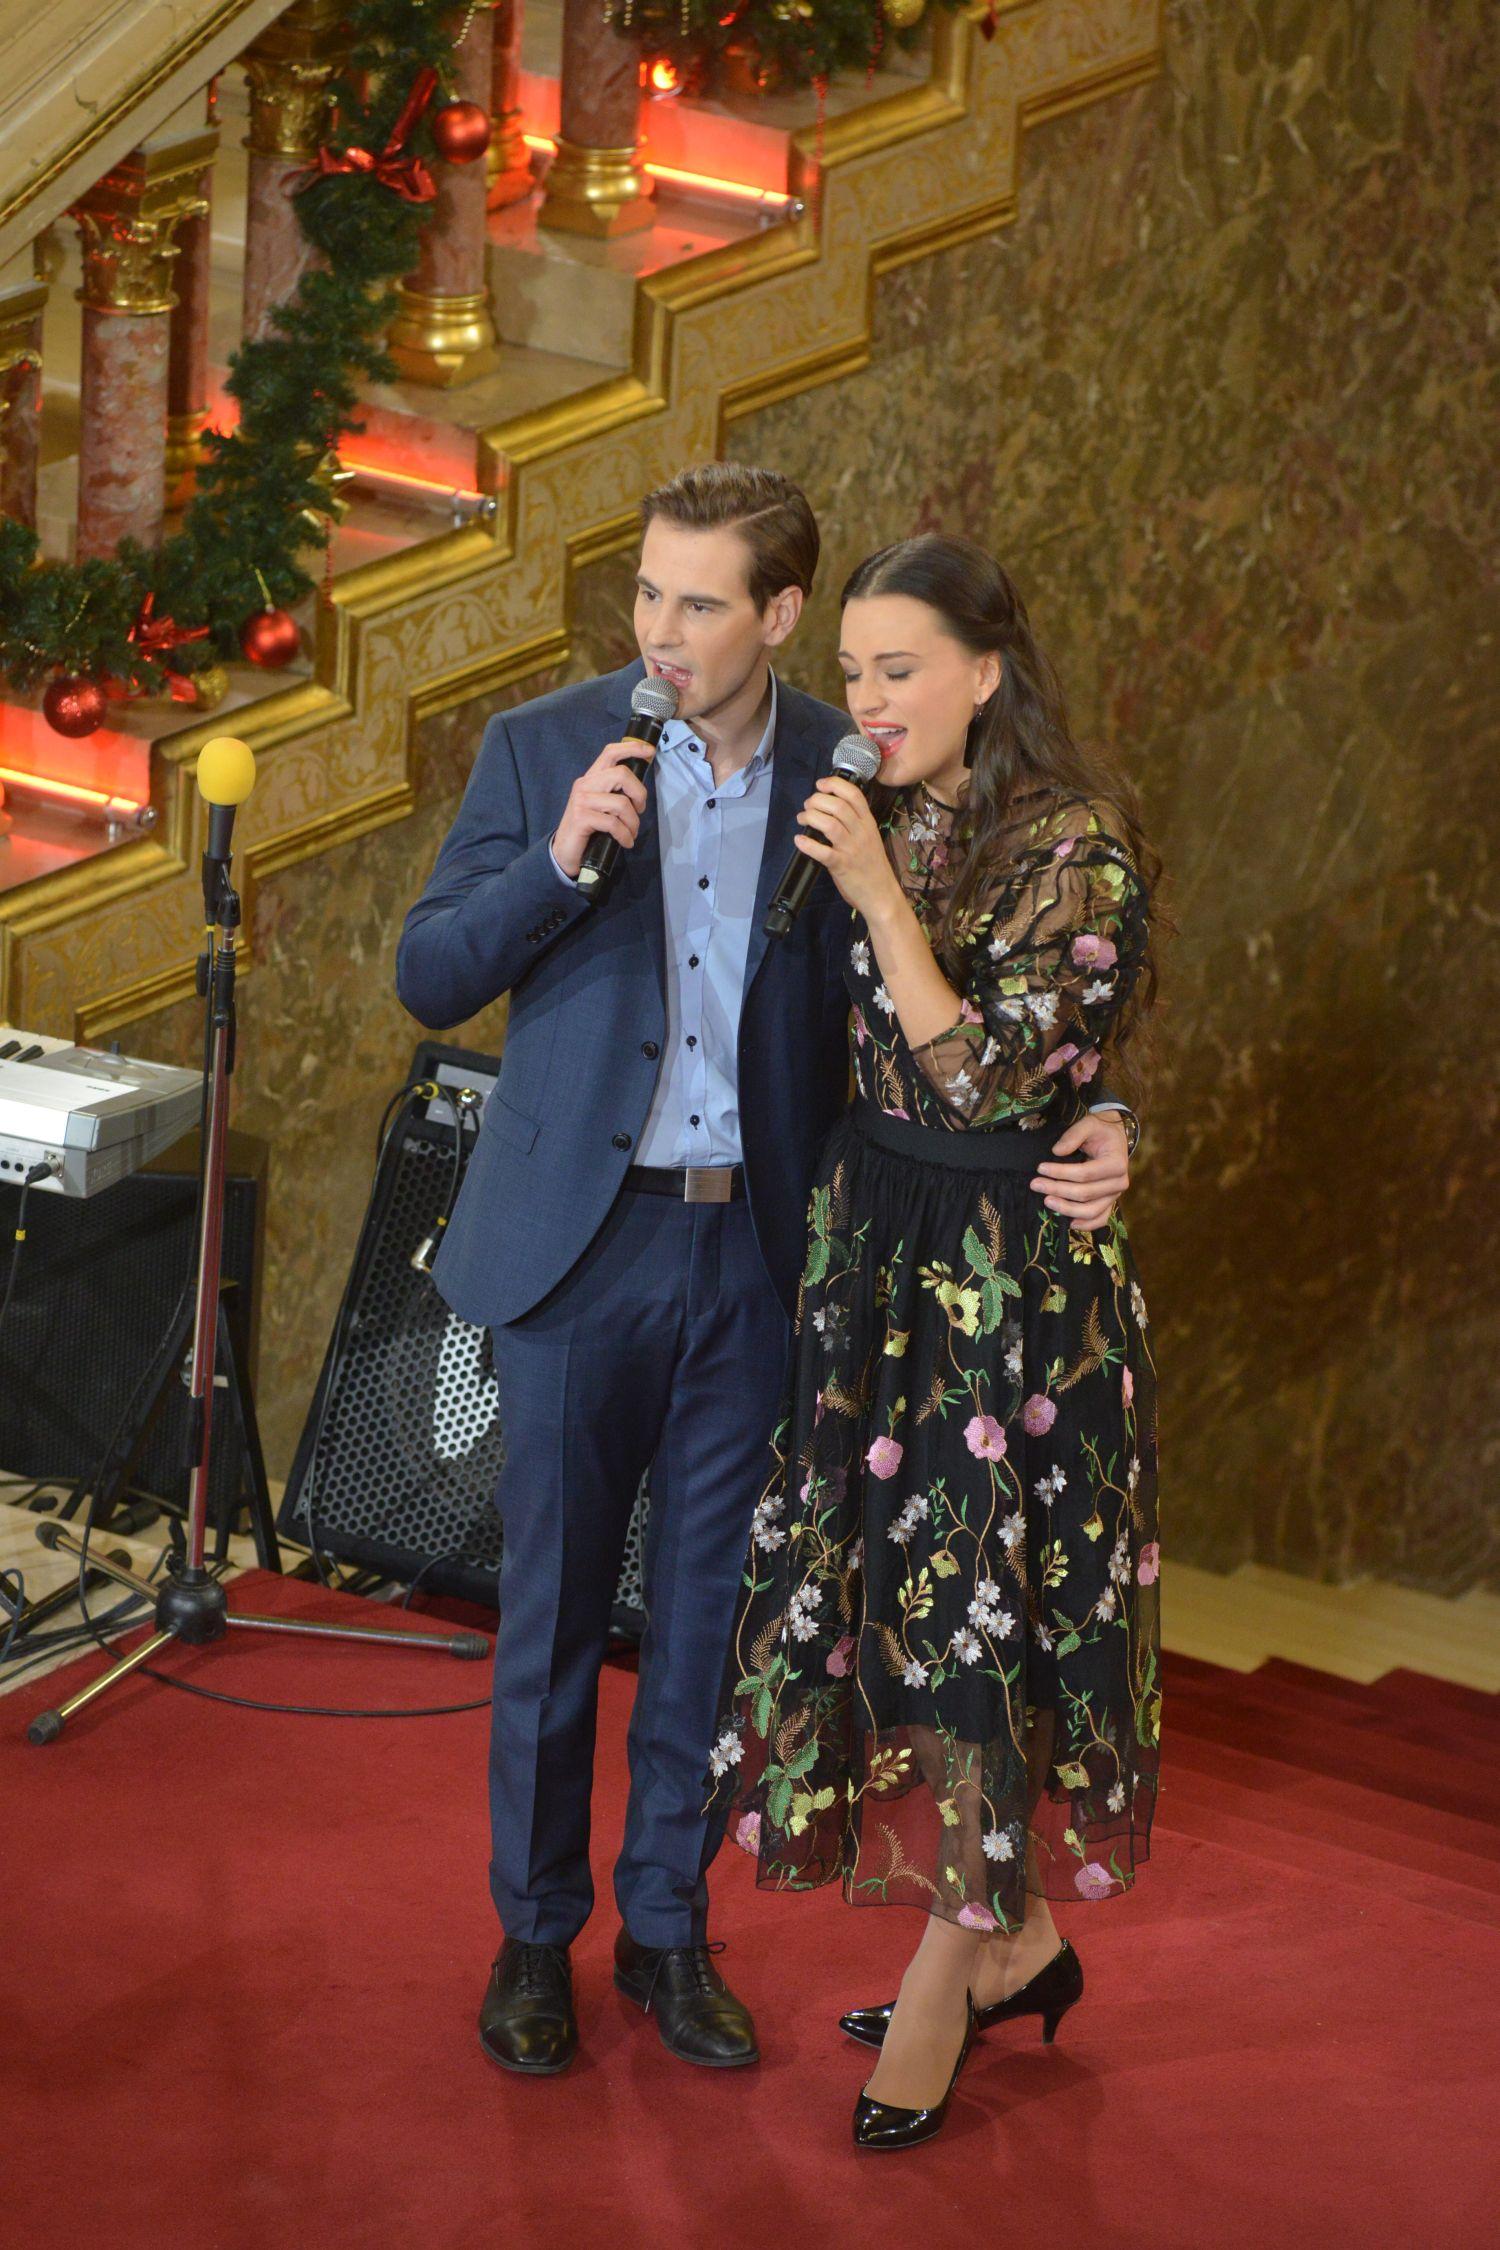 Parlamenti gyermekkarácsony 2017 - a Budapesti Operettszínház előadói – Gubik Petra és Kocsis Dénes